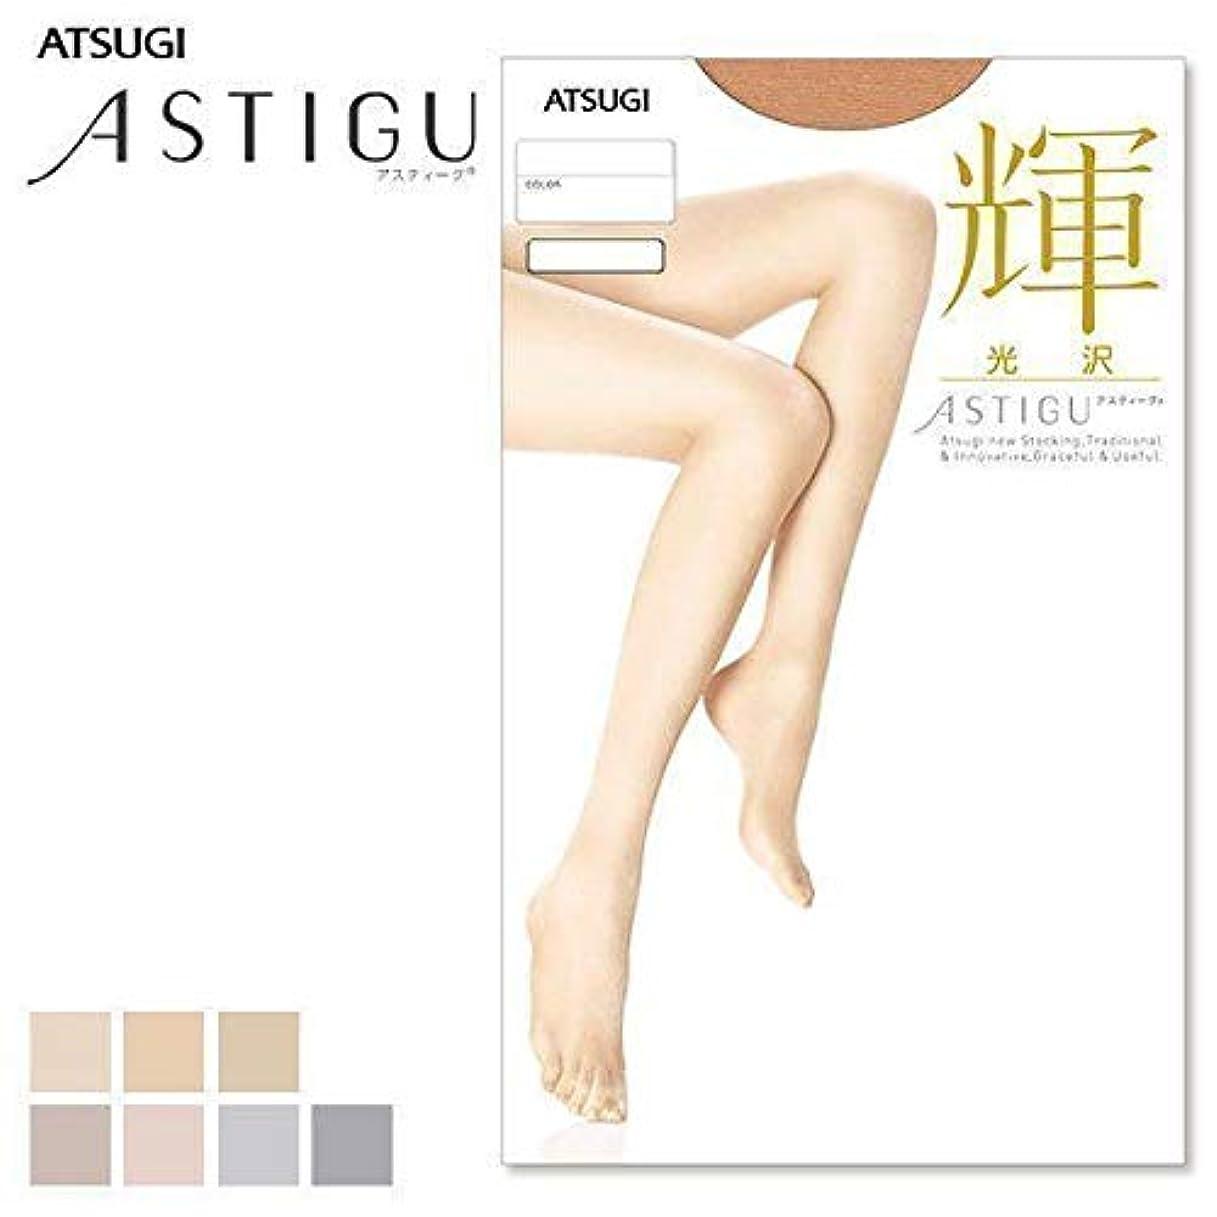 集団的着替える南西アツギ ASTIGU(アスティーグ)輝(ベビーベージュ)サイズ M~L